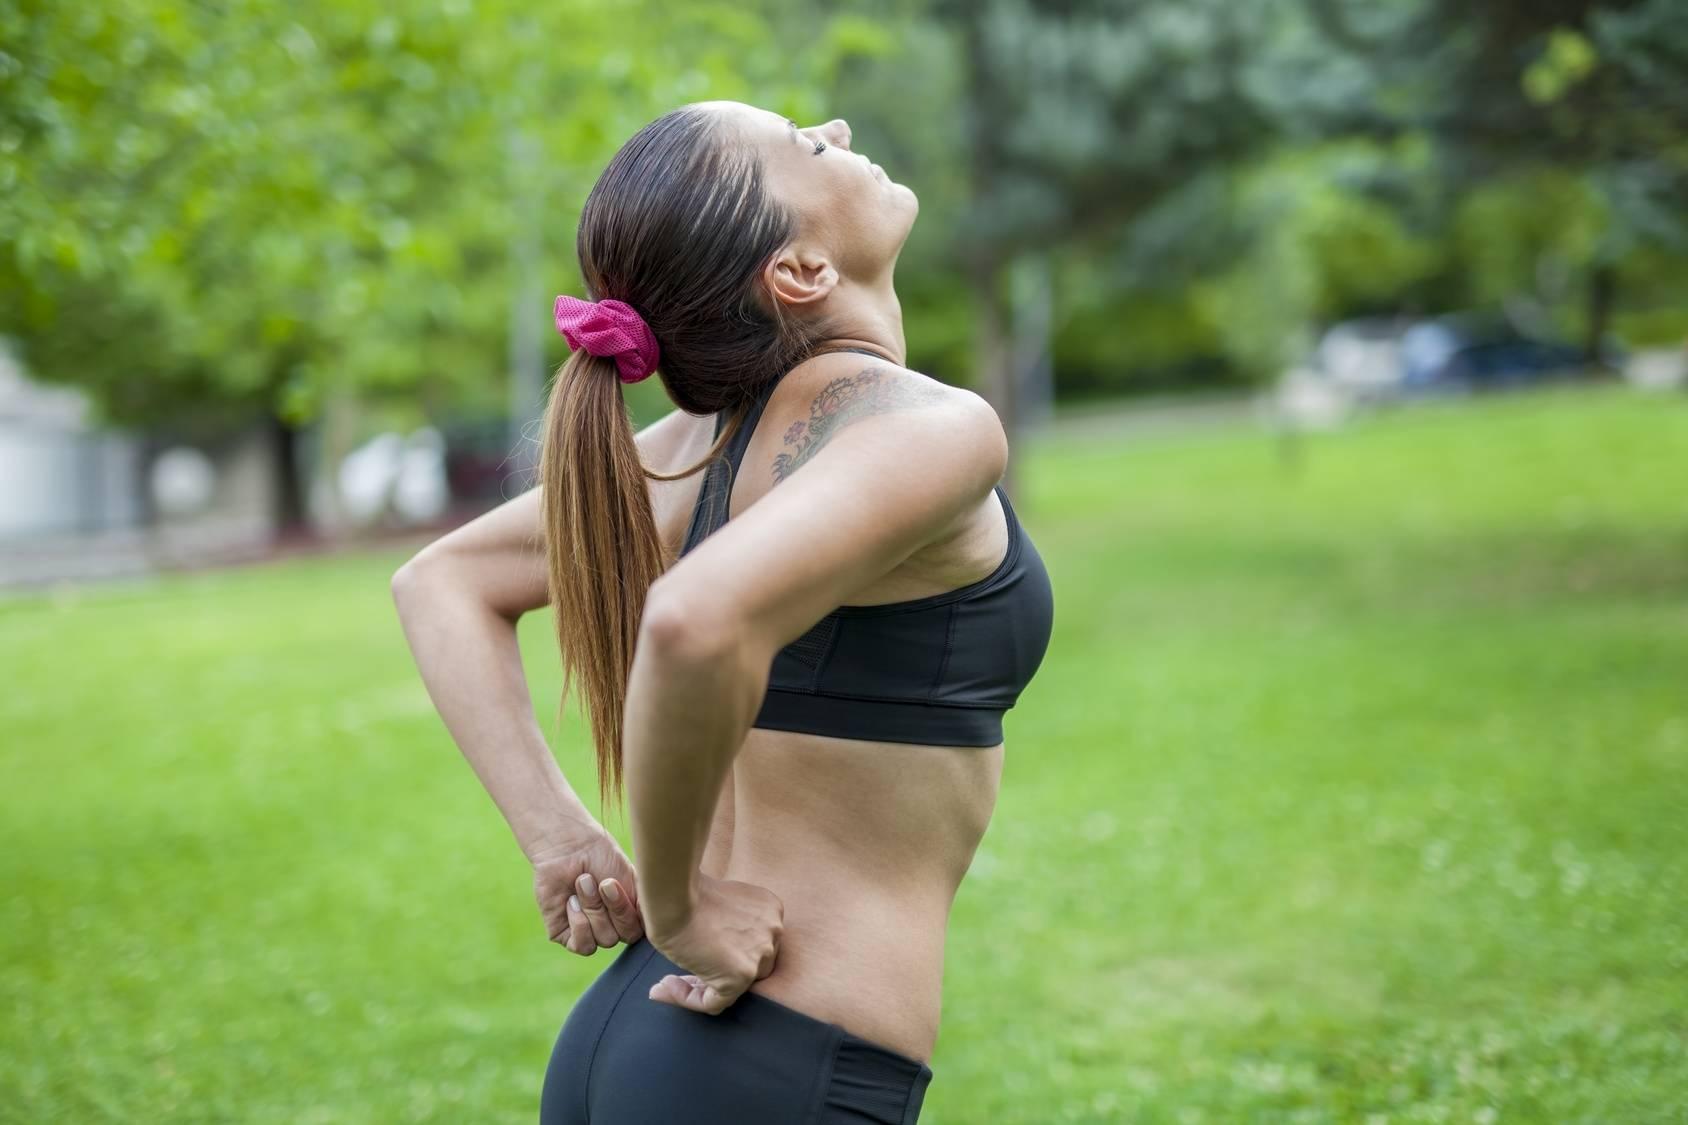 Почему болят мышцы после тренировки, что делать